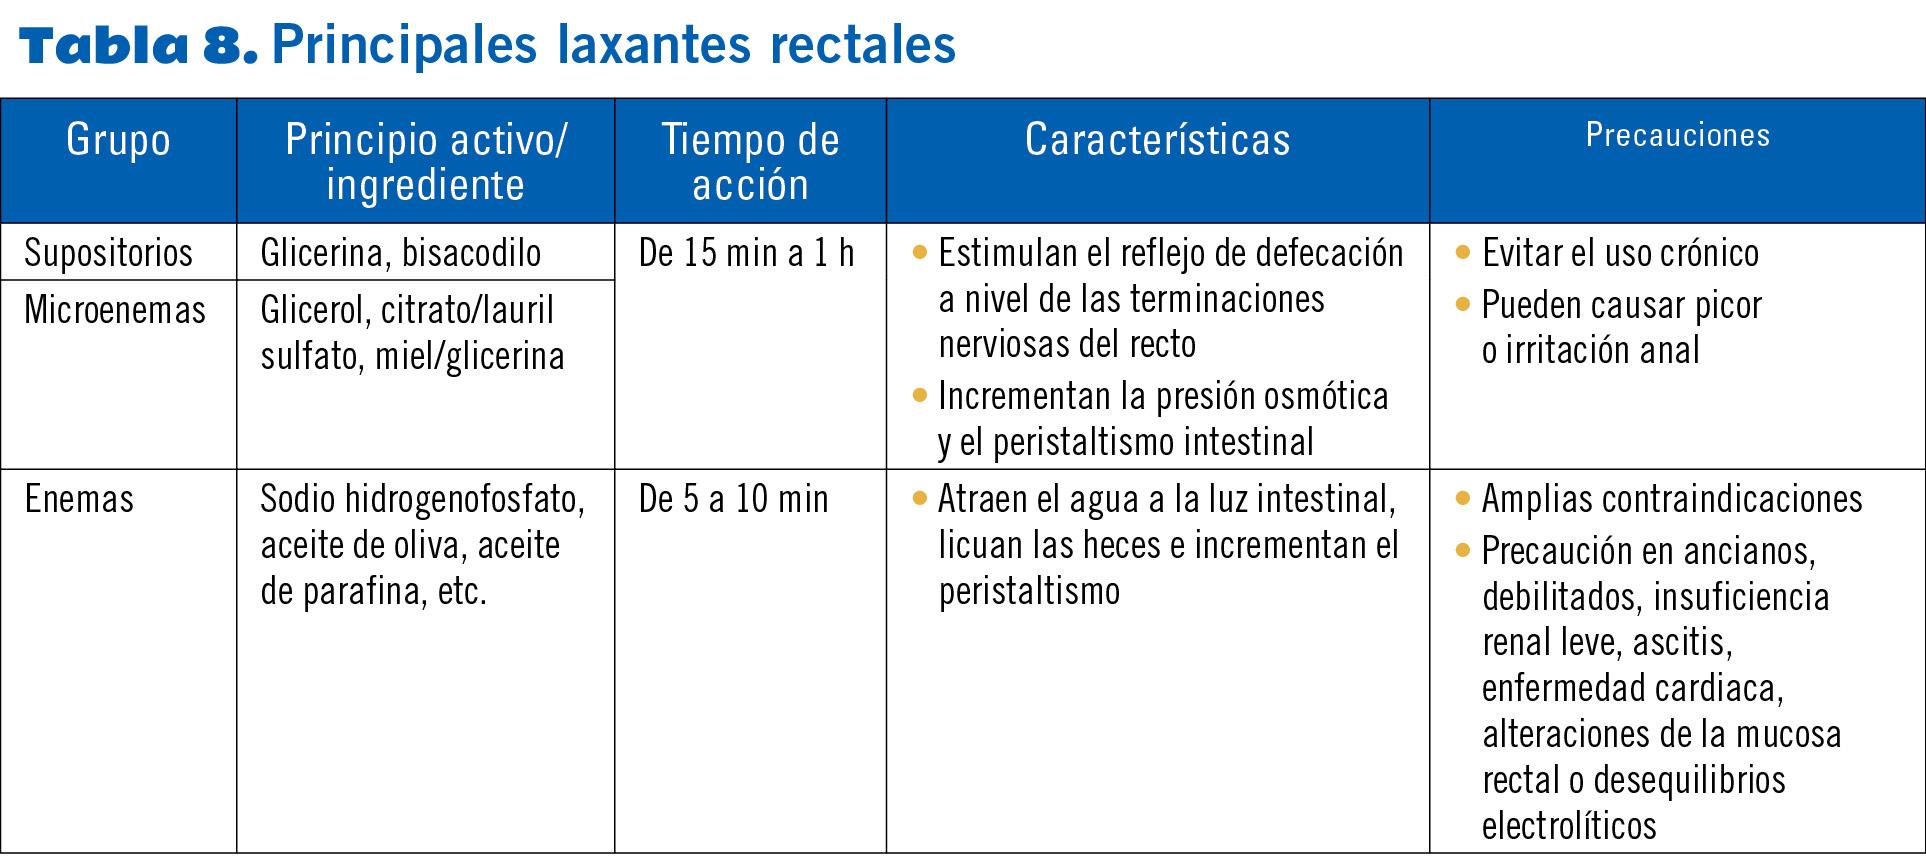 22 EF577 PROTOCOLOS estrenimiento tabla 8